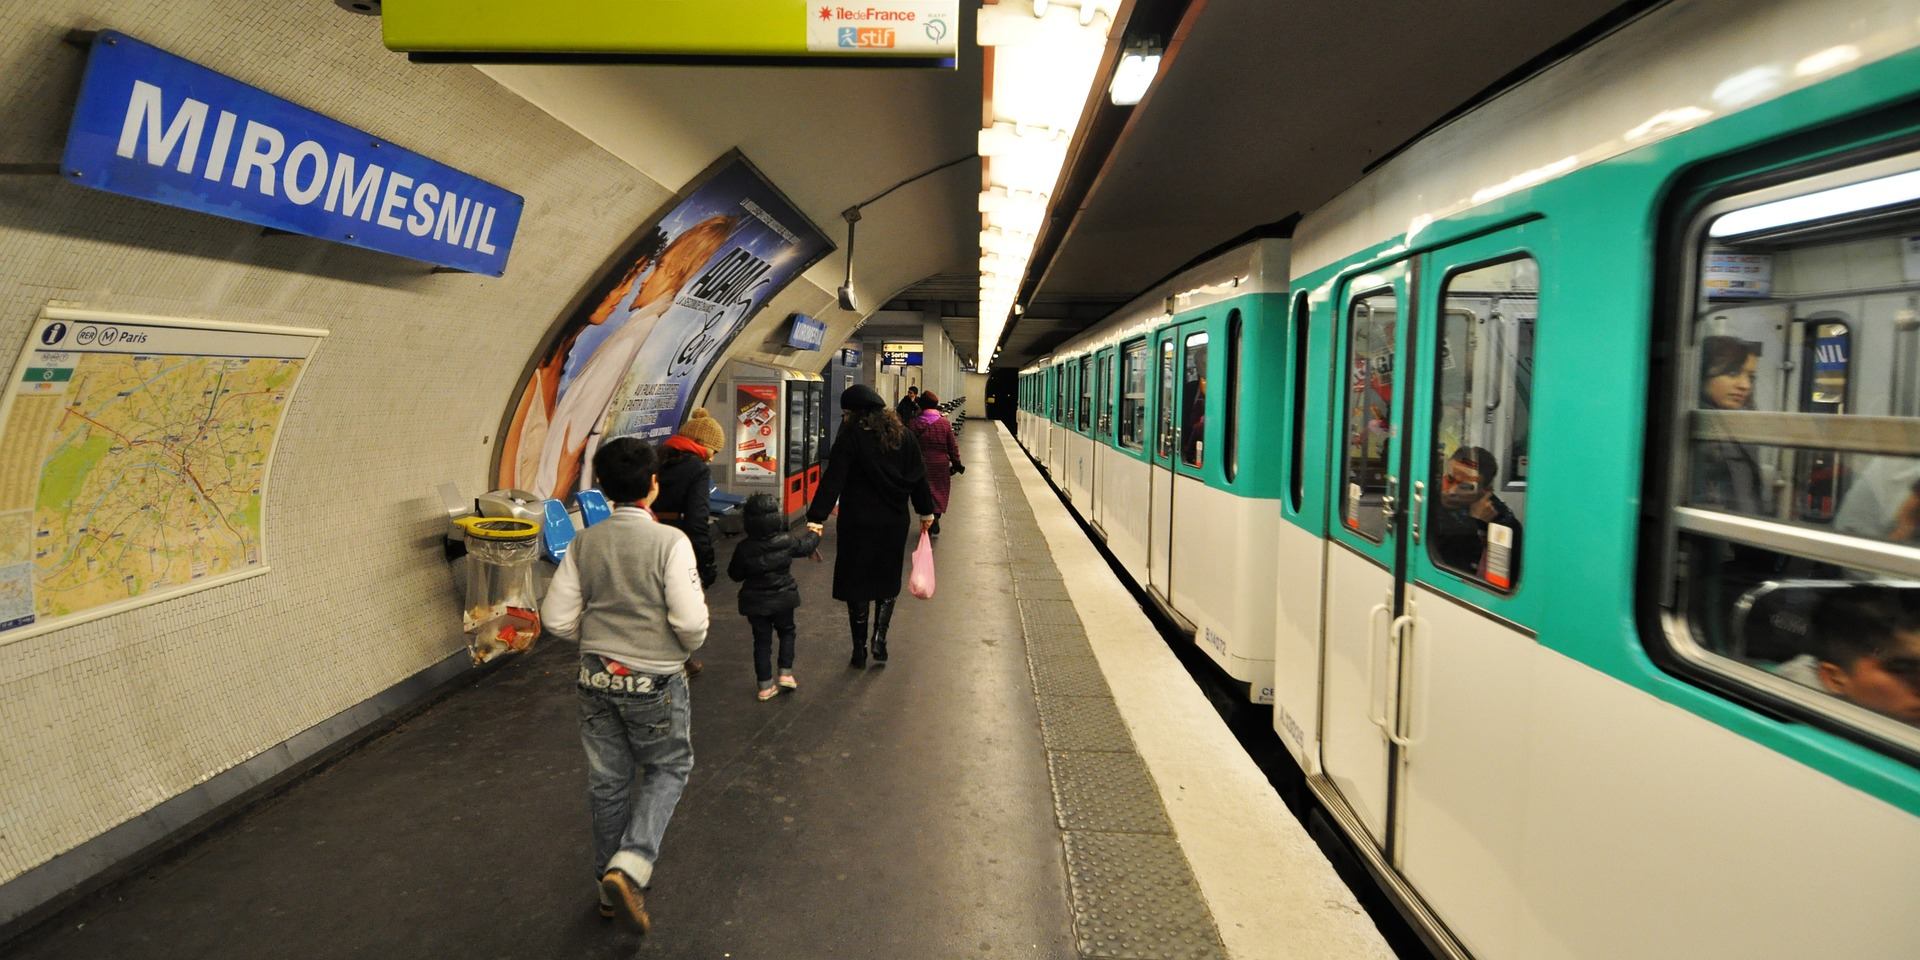 tous les transports en commun vont devenir gratuits pour les parisiens handicap s faire face. Black Bedroom Furniture Sets. Home Design Ideas